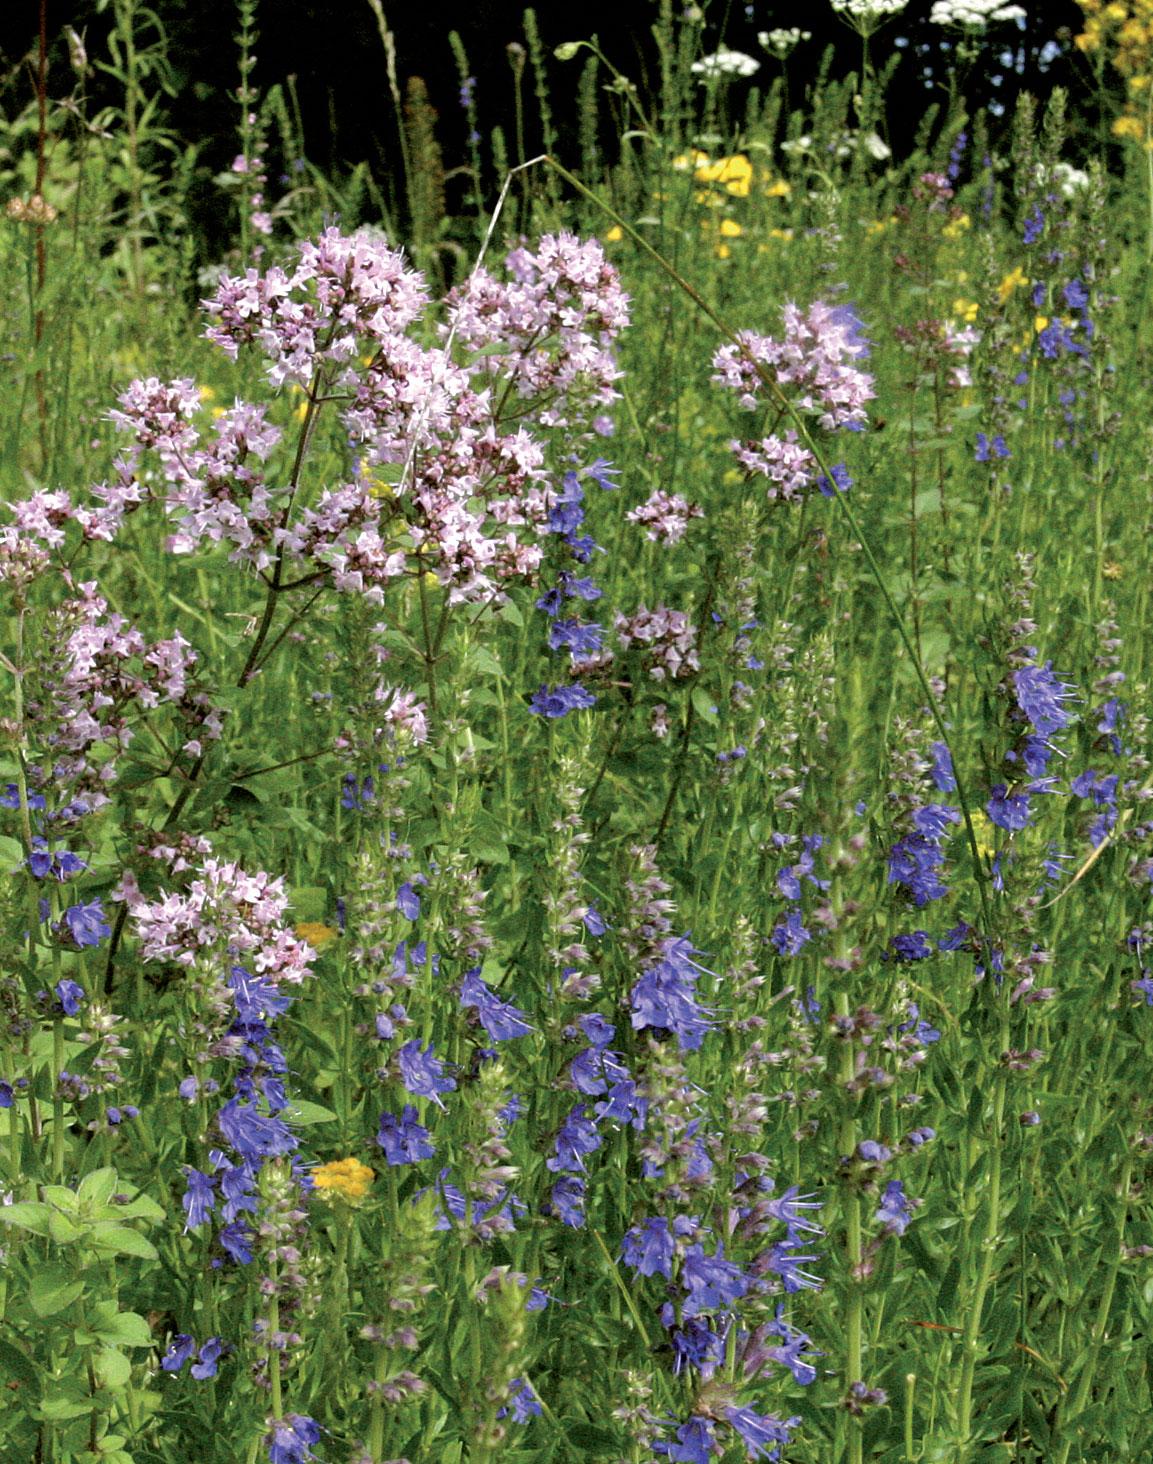 Kirkkaansininen neidonkieli viihtyy kedolla kalkkipitoisen maan ansiosta. Sen vieressä kasvaa mäkimeirami.